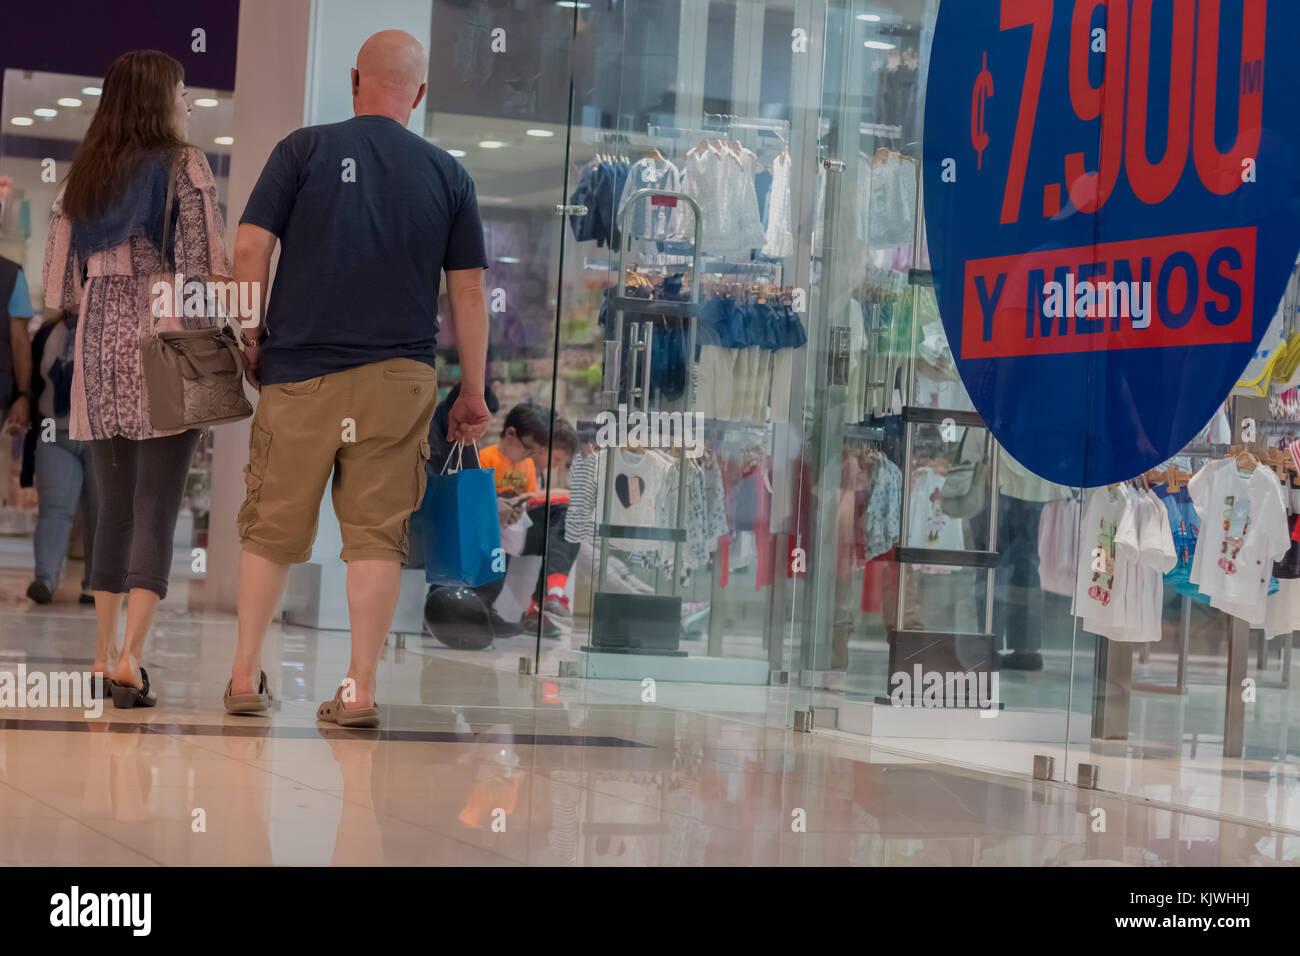 People walking through mall with shopping bags. Personas en centro comercial, bolsas de compras. photo by: Roberto Stock Photo